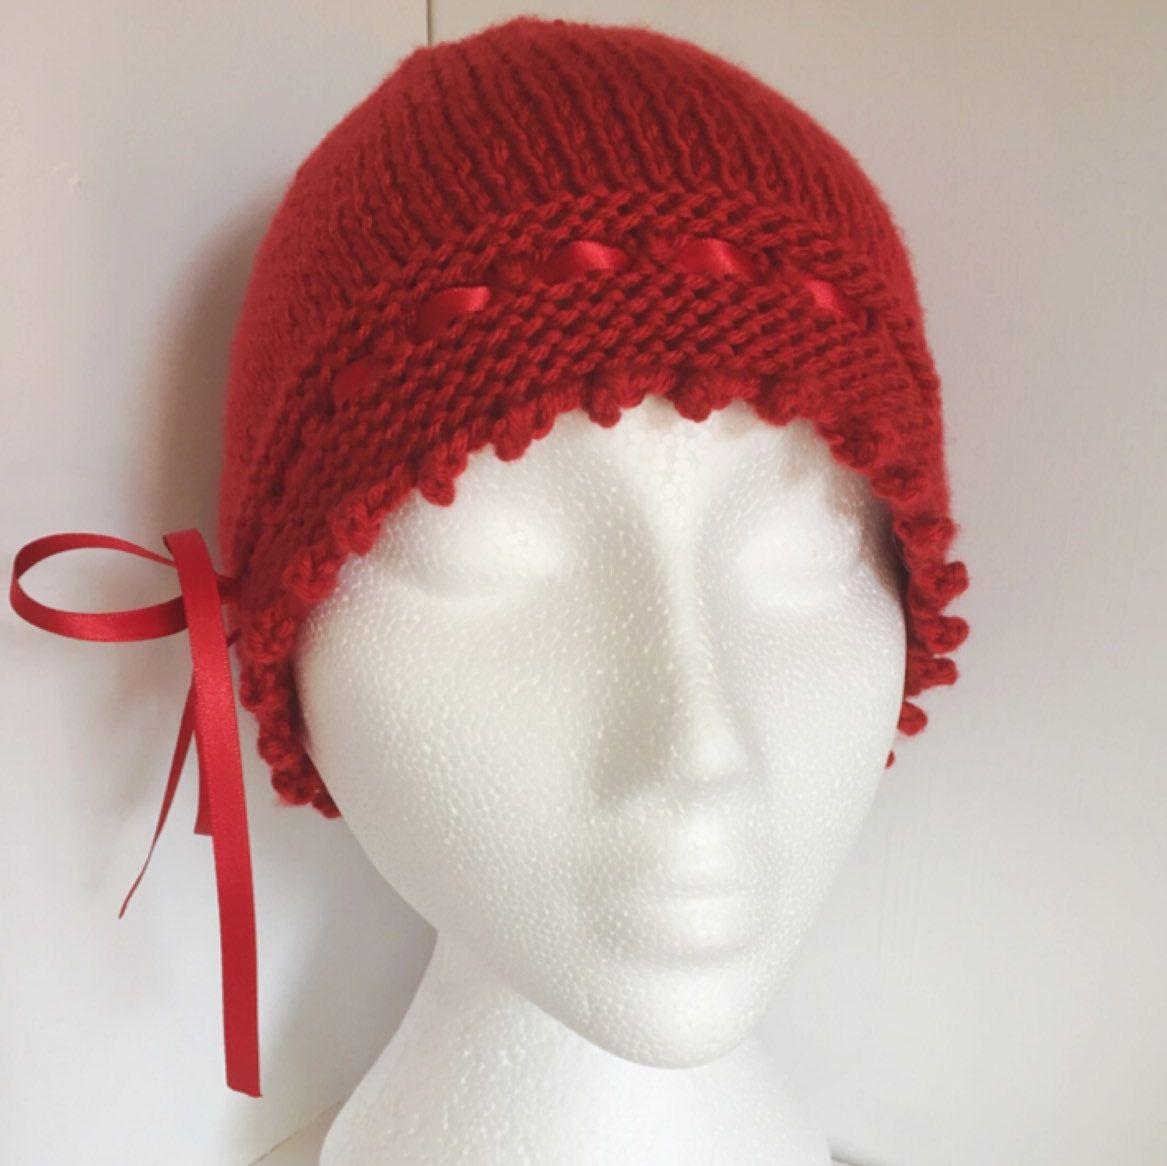 a1c193ffaf49f Gatsby Knitted Hats